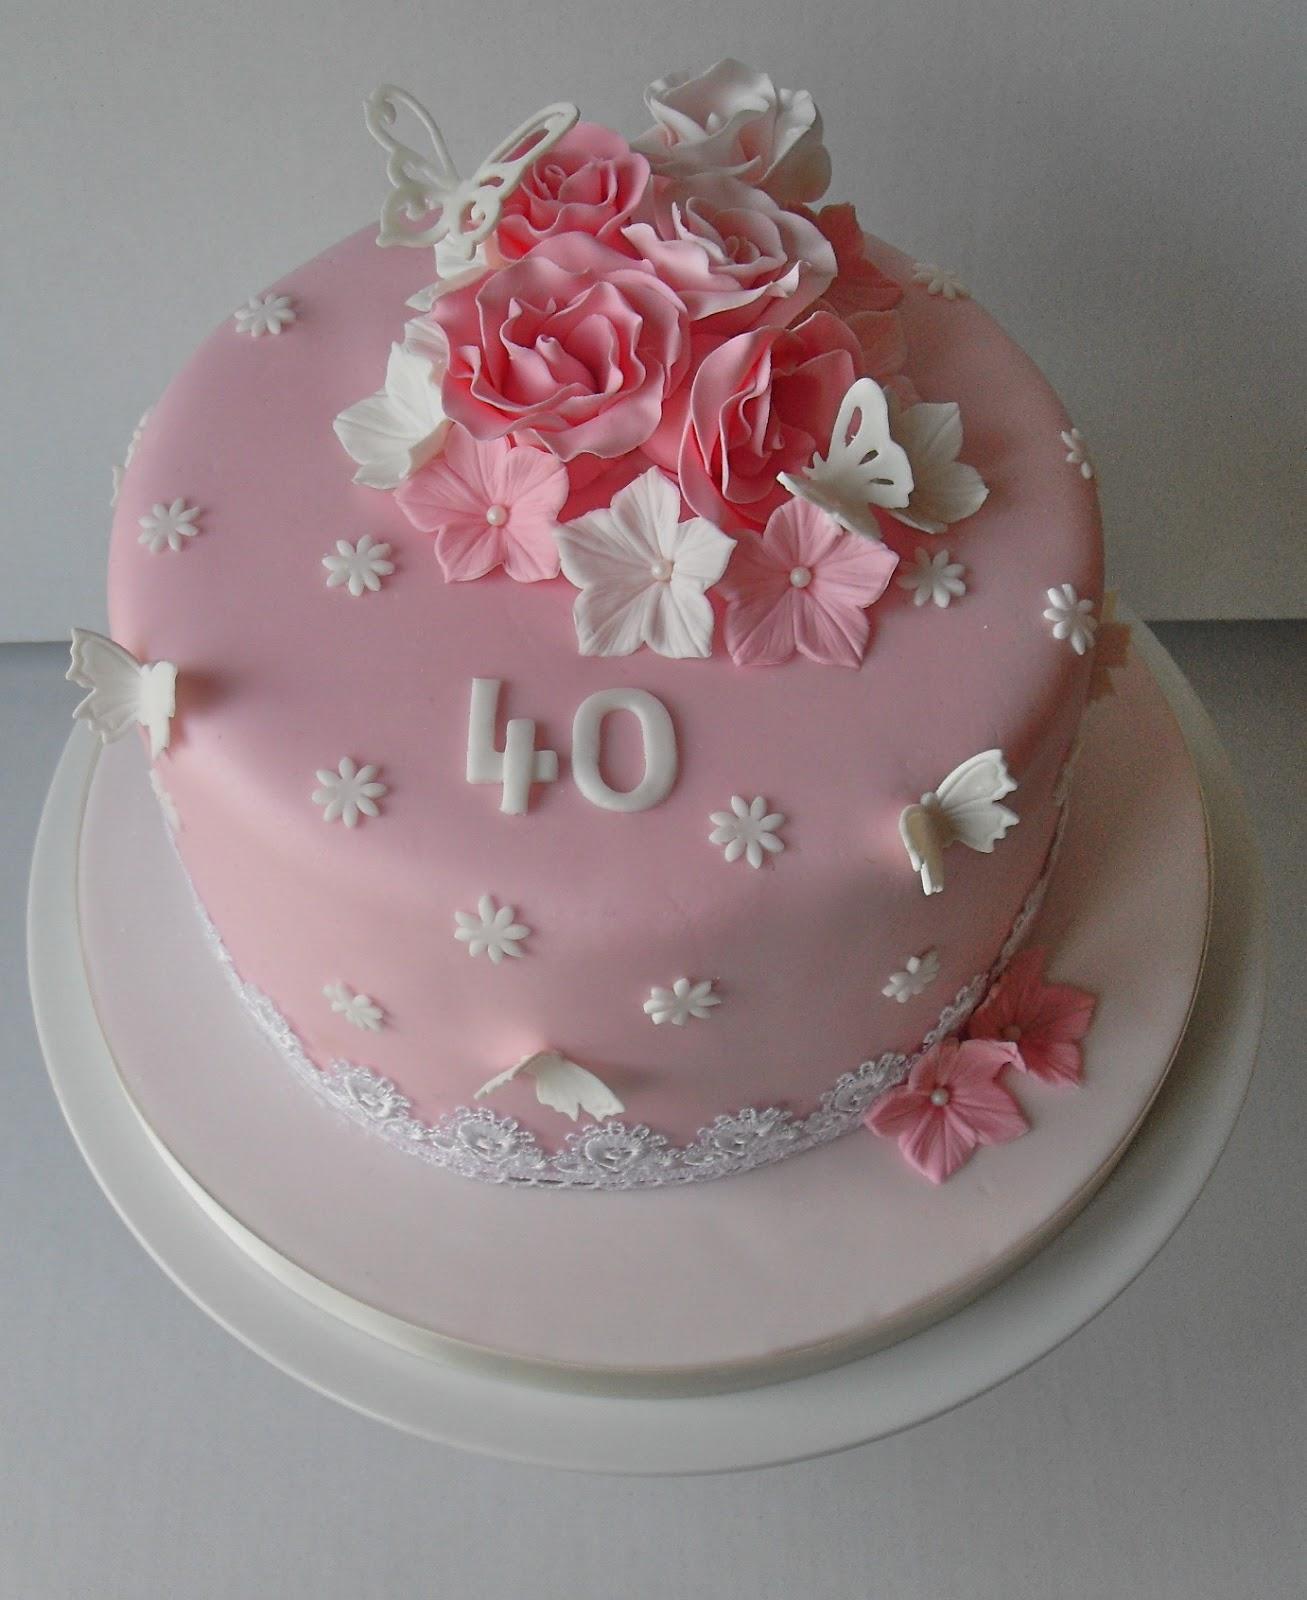 40th Birthday Cake Cake Pops